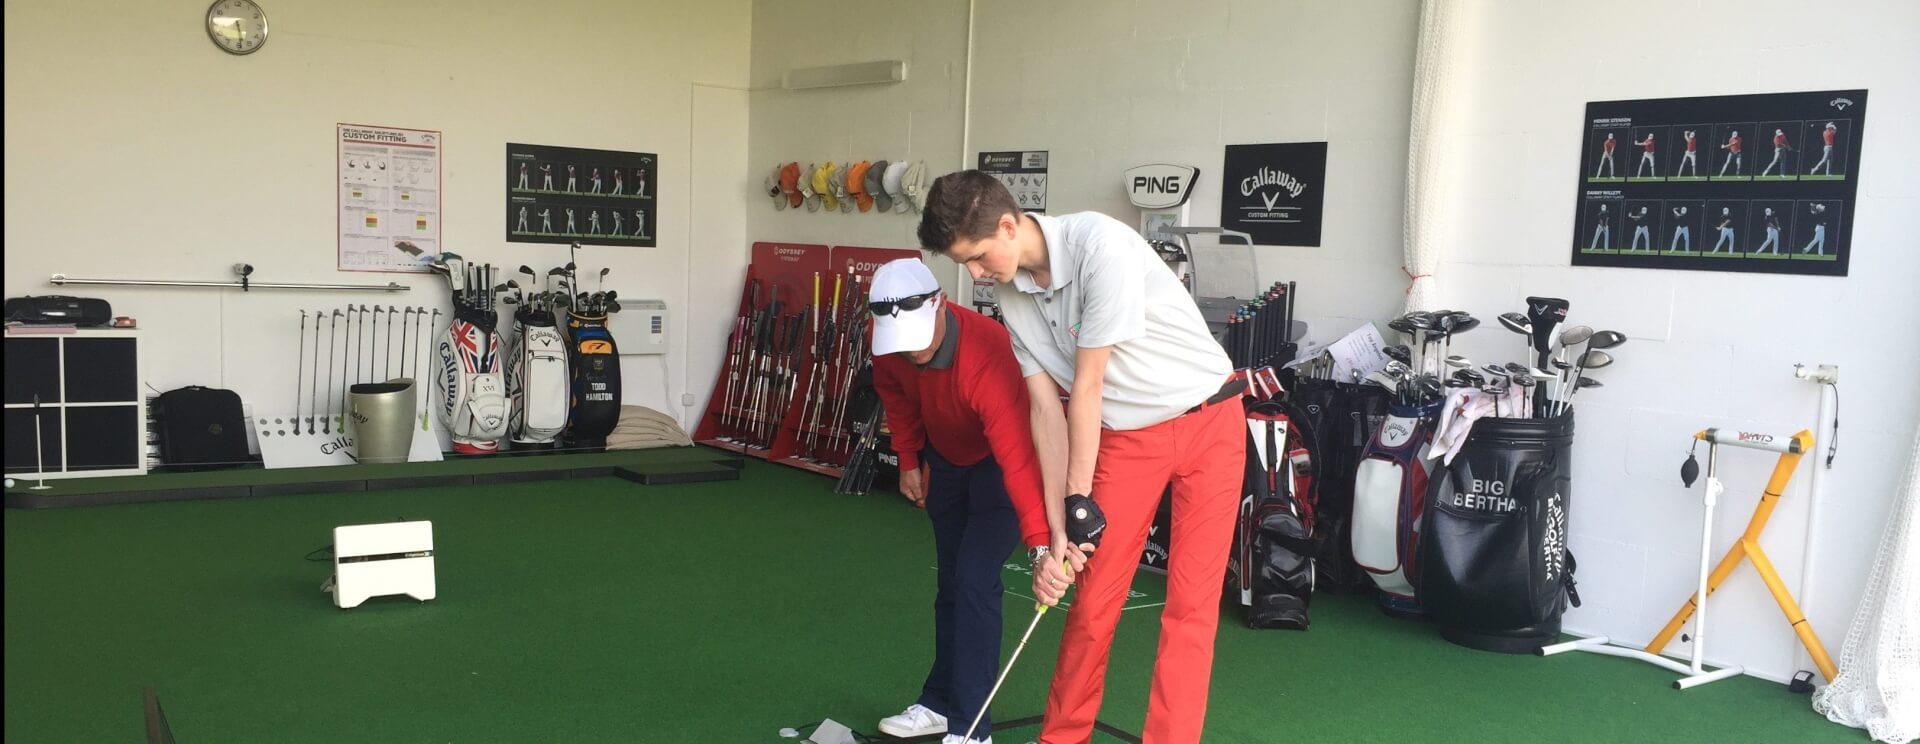 https://golfclub-peckeloh.de/wp-content/uploads/2018/02/indoor01-e1520502738672.jpg